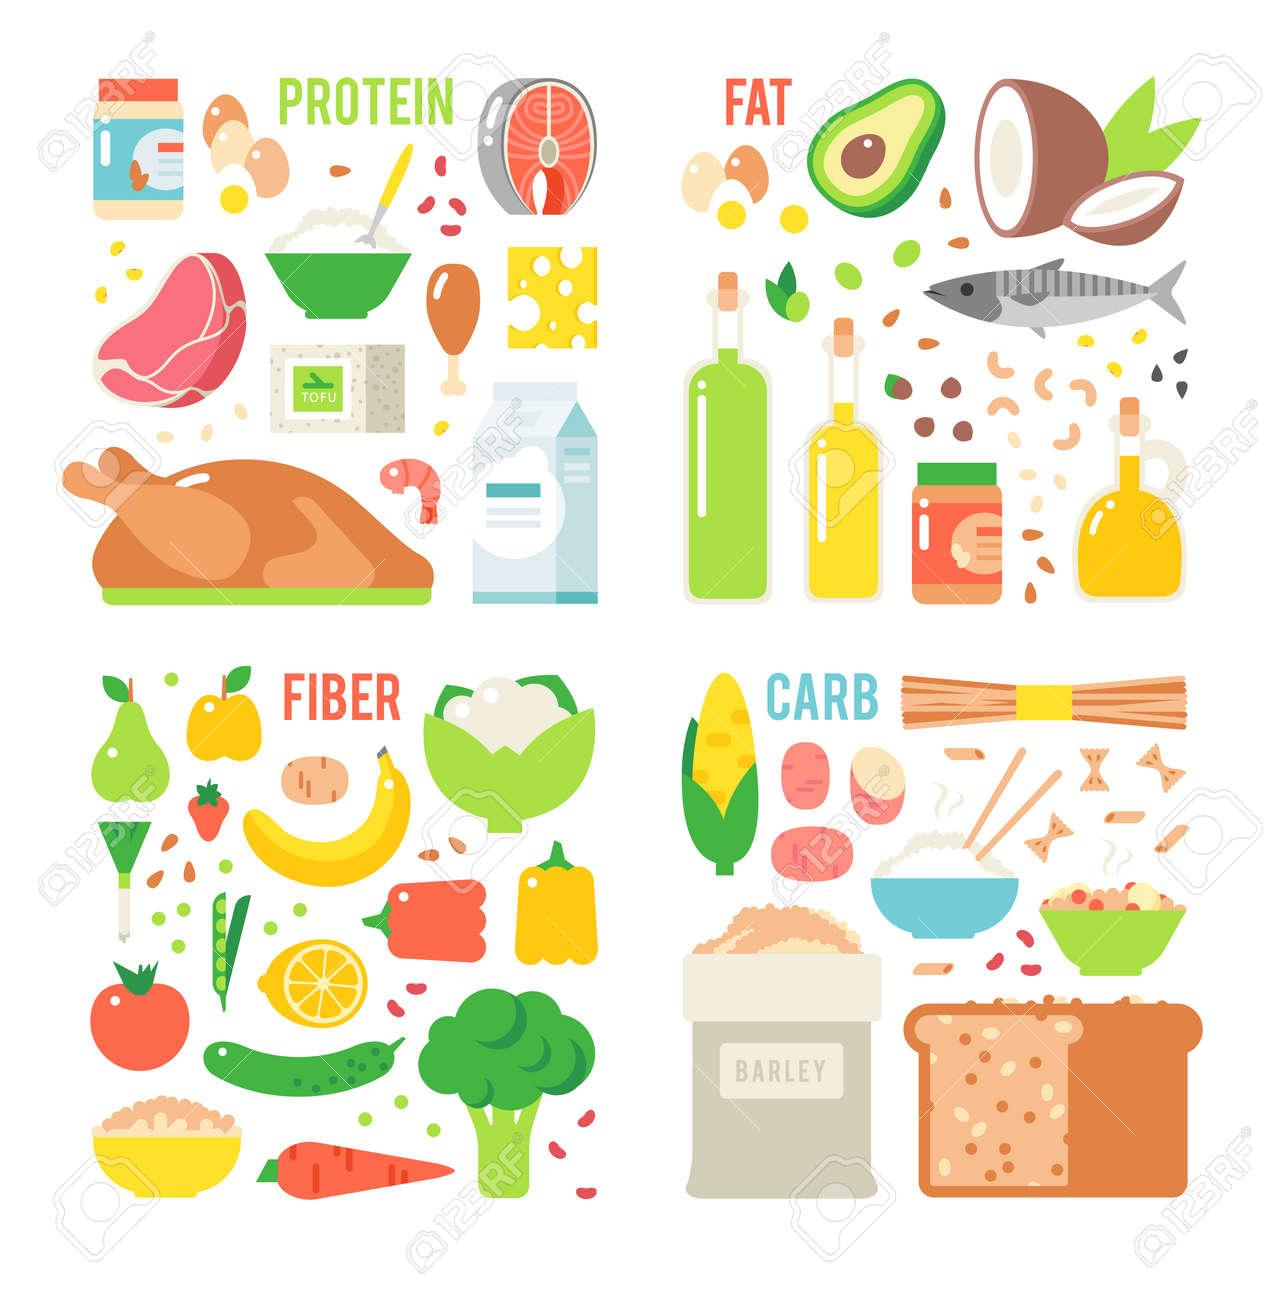 balanced diet fat carbs protein